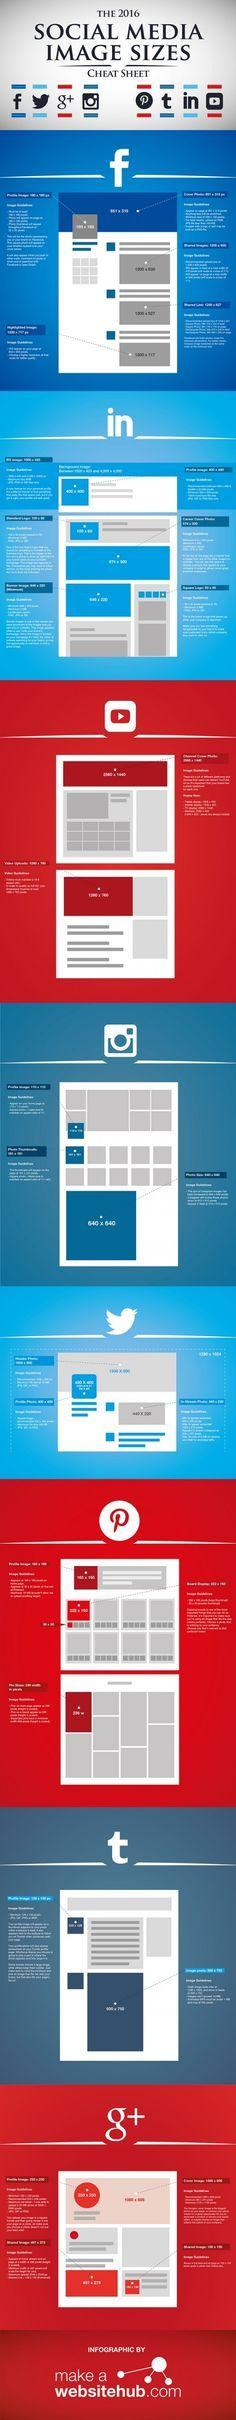 Guide 2016 des dimensions des images des médias sociaux | Blog Socialshaker